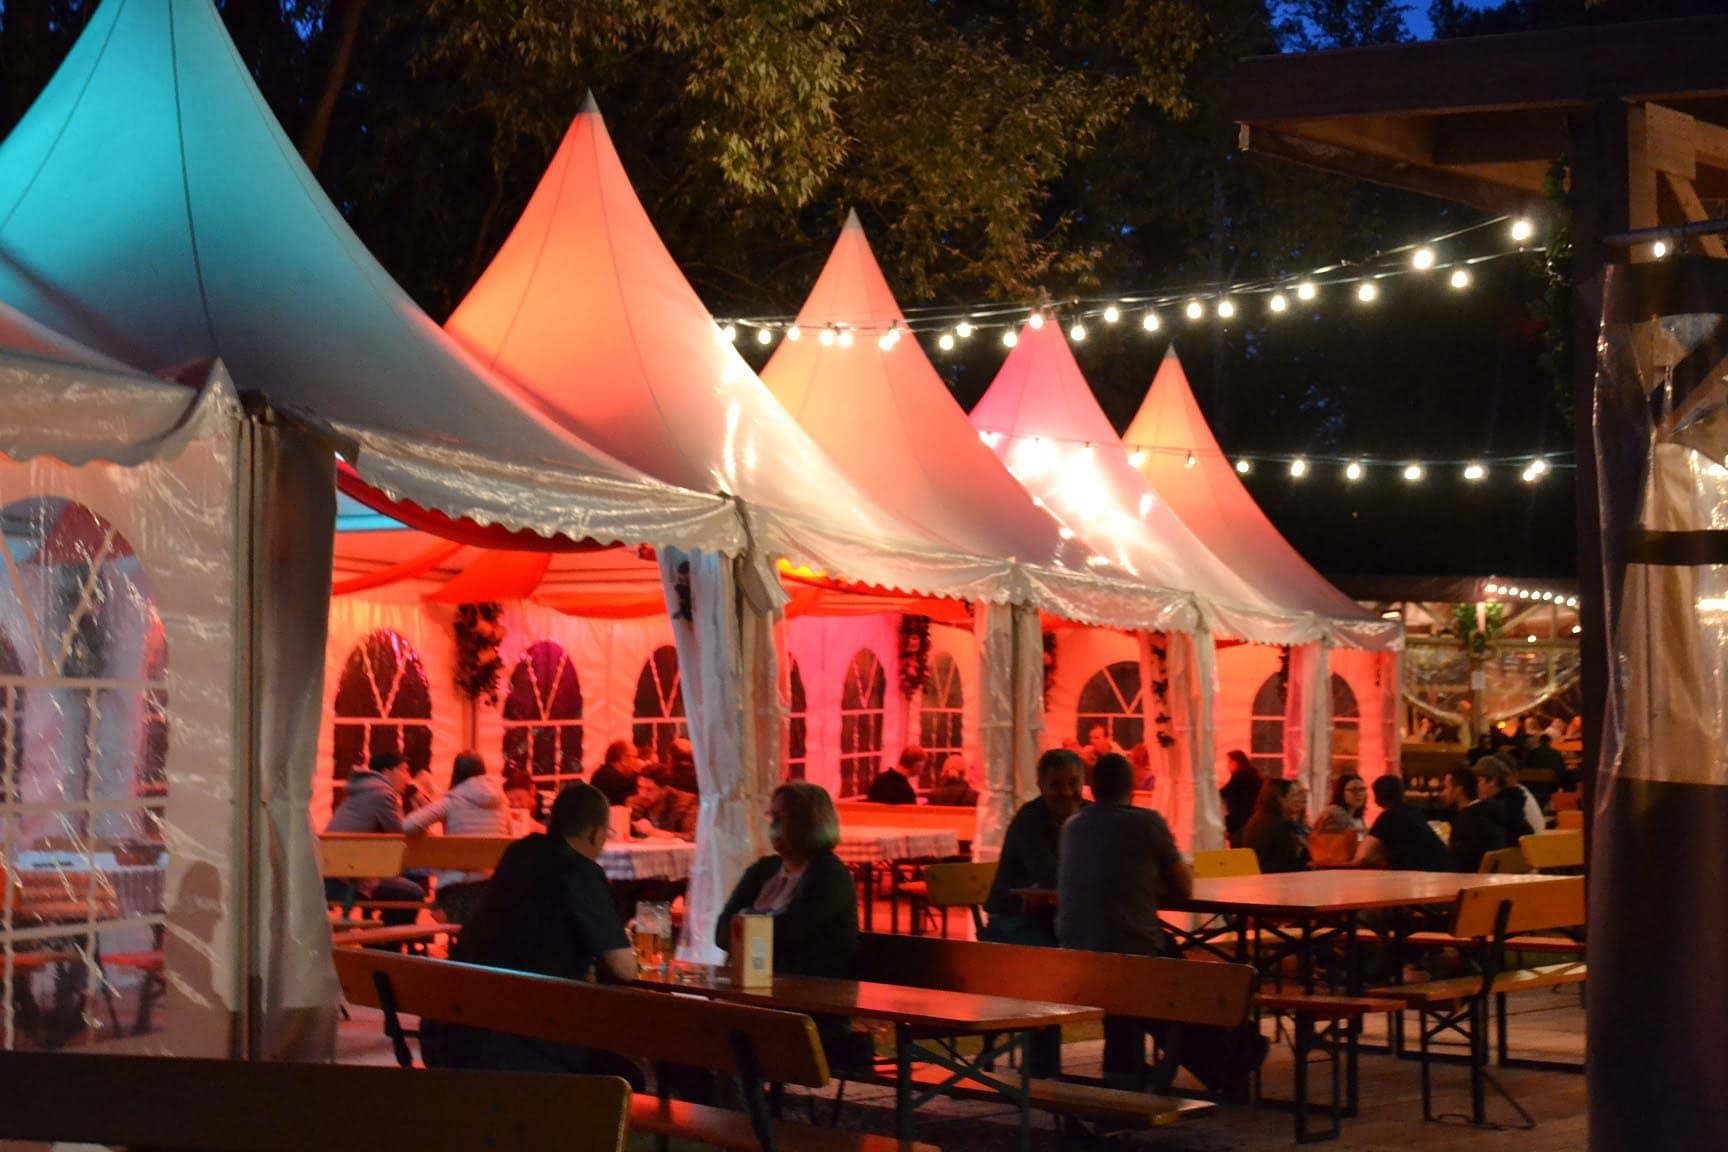 Gemütliche Hahn-Zeltchen im Regensburger Stadtpark Mit Decken und desinfizierbaren Sitzkissen schafft Festwirt Michael Hahn eine ganz besondere Atmosphäre.